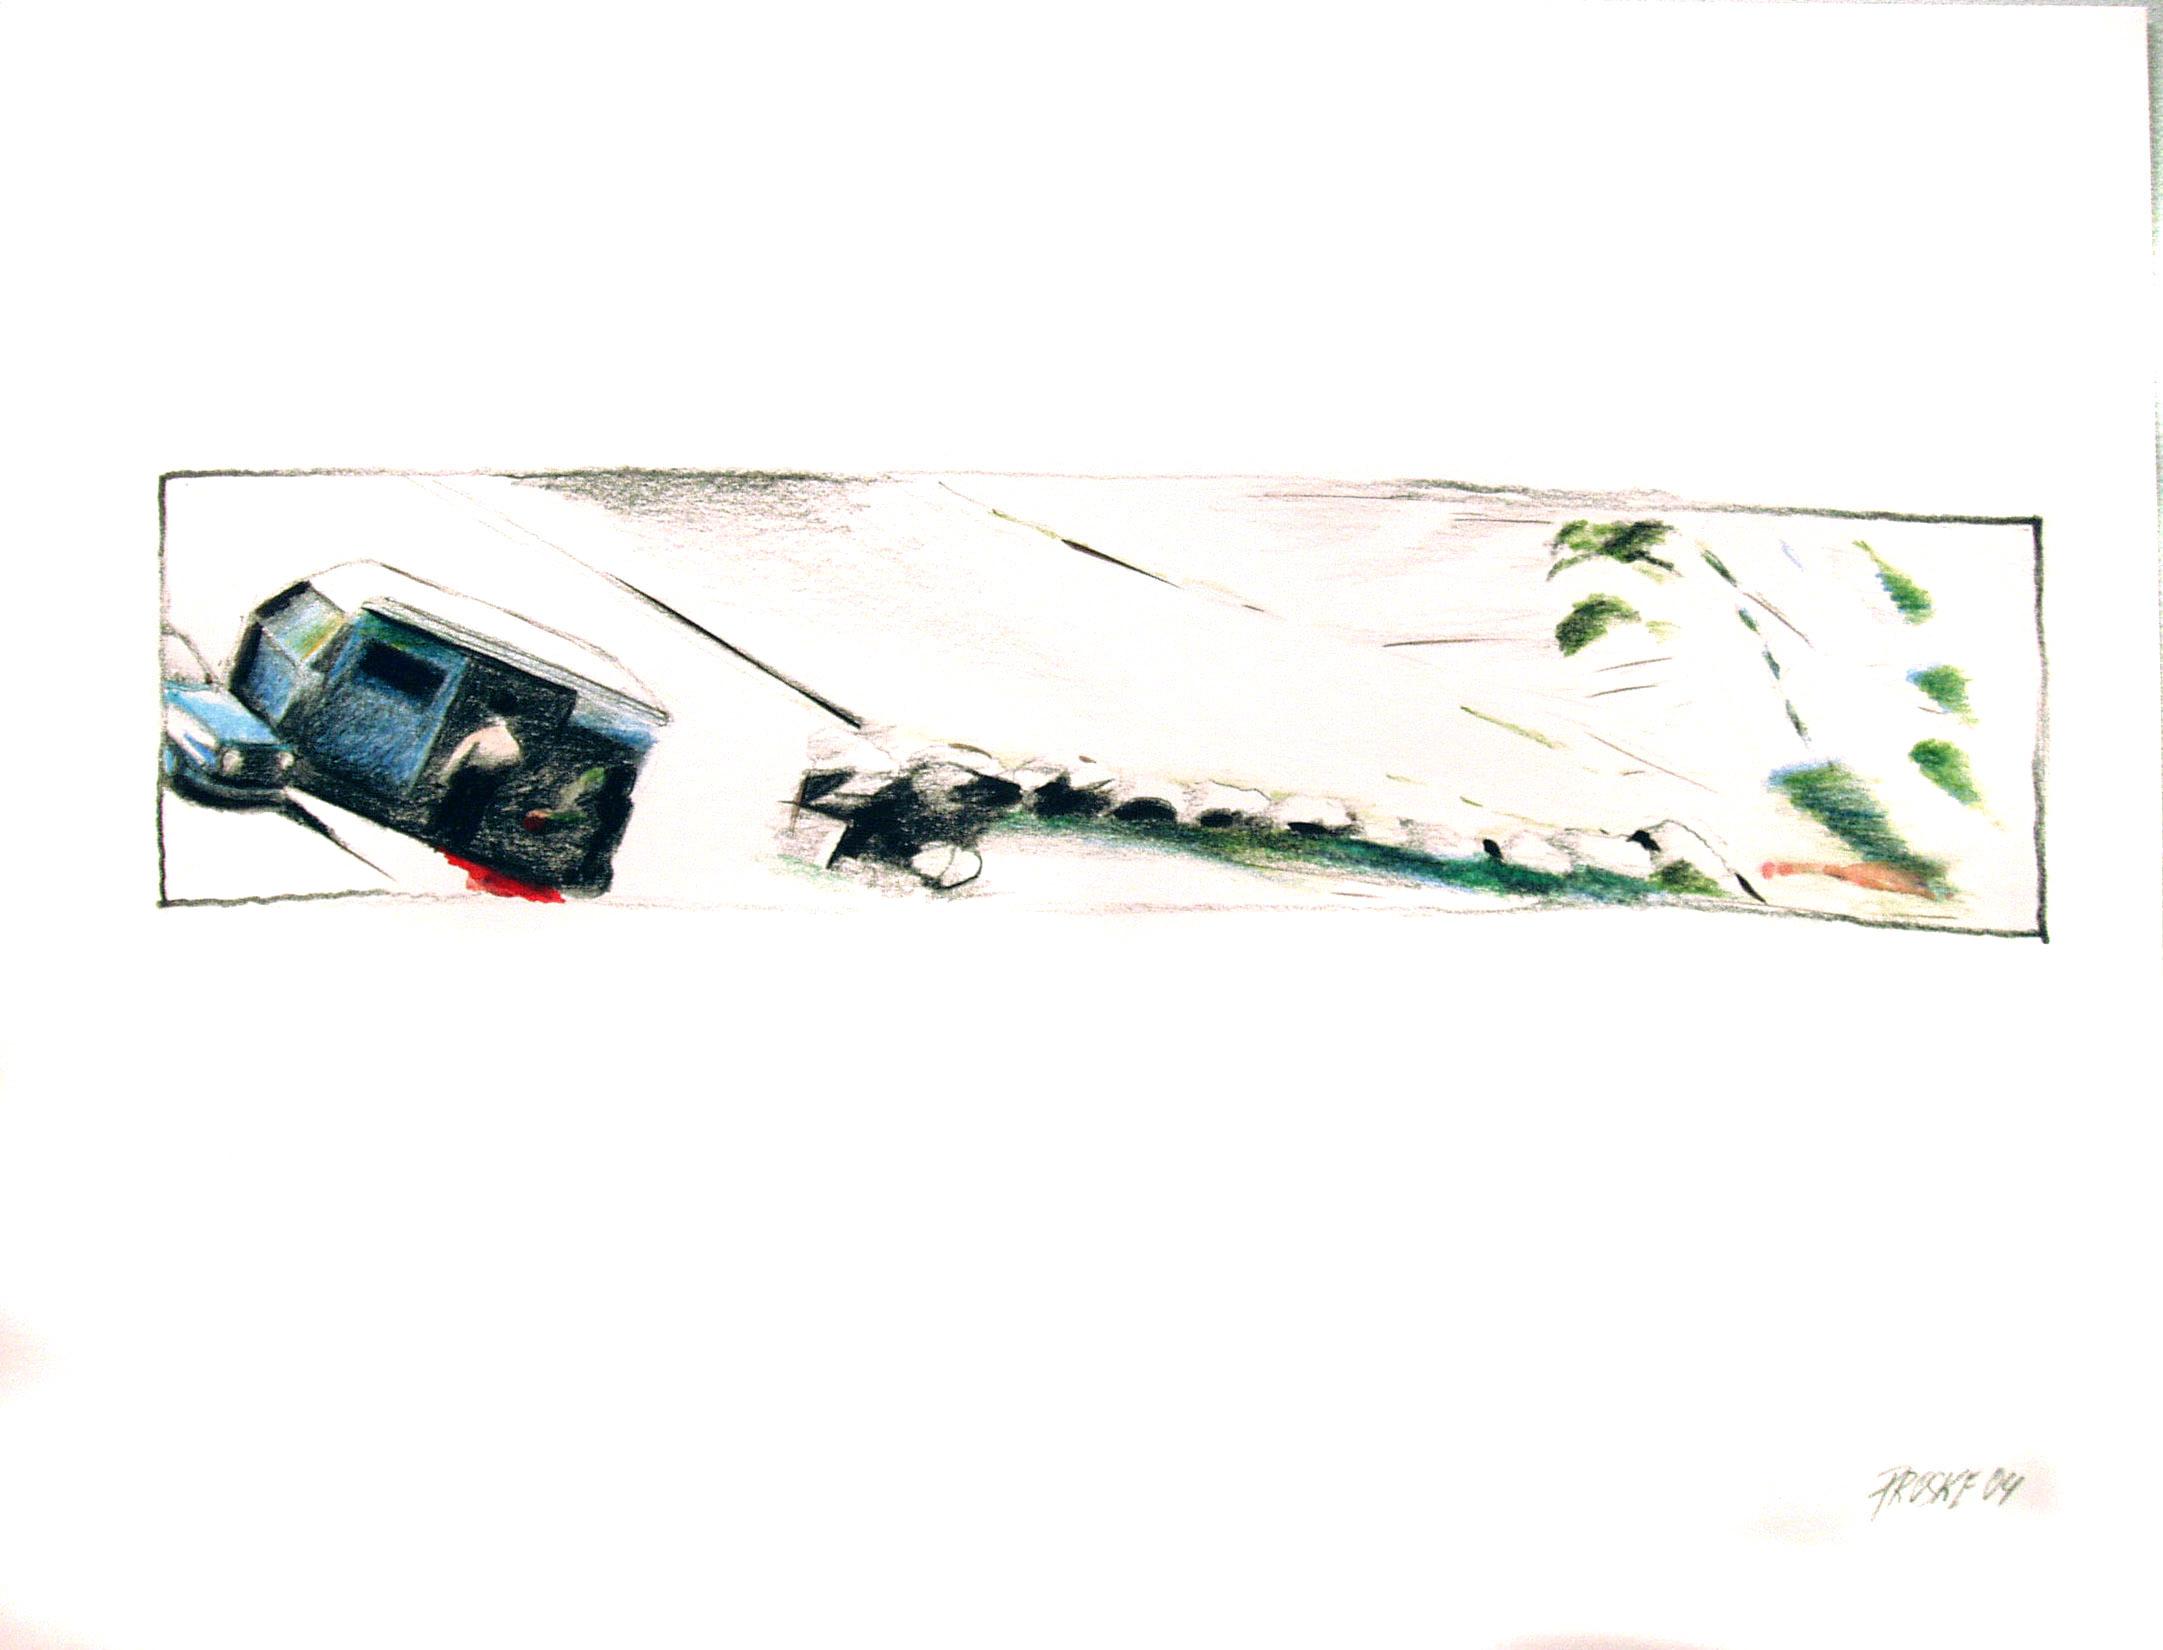 en passant 20,30 x 40. Farbstift:Papier, 2004.jpg